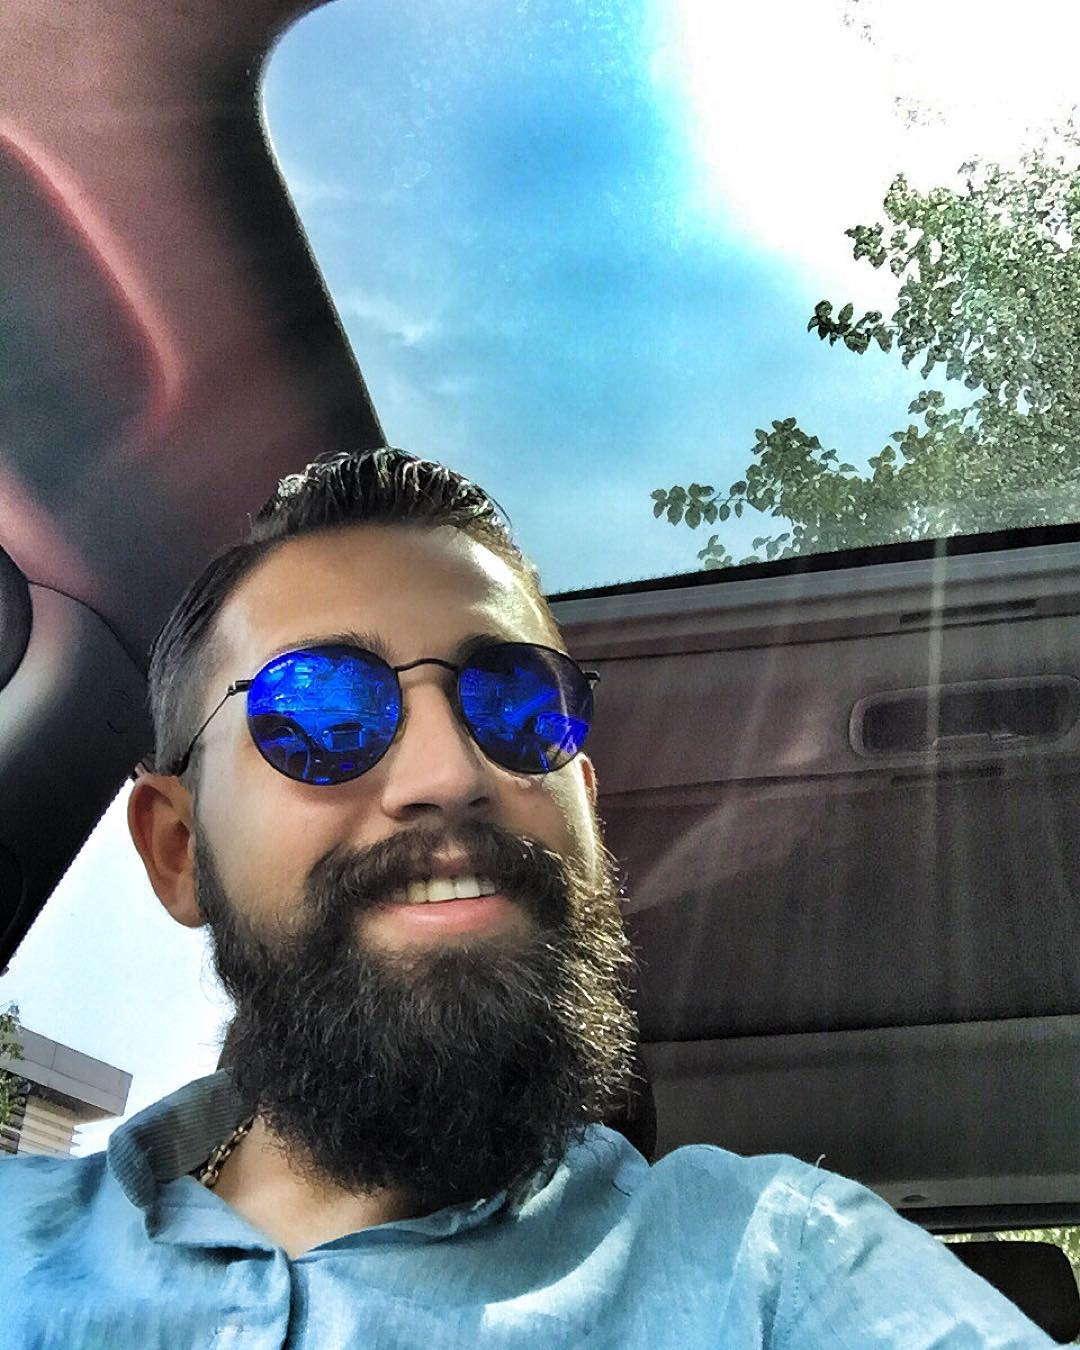 تصاویر متفاوت از چهره های مشهور در شبکه های اجتماعی سری شهریور